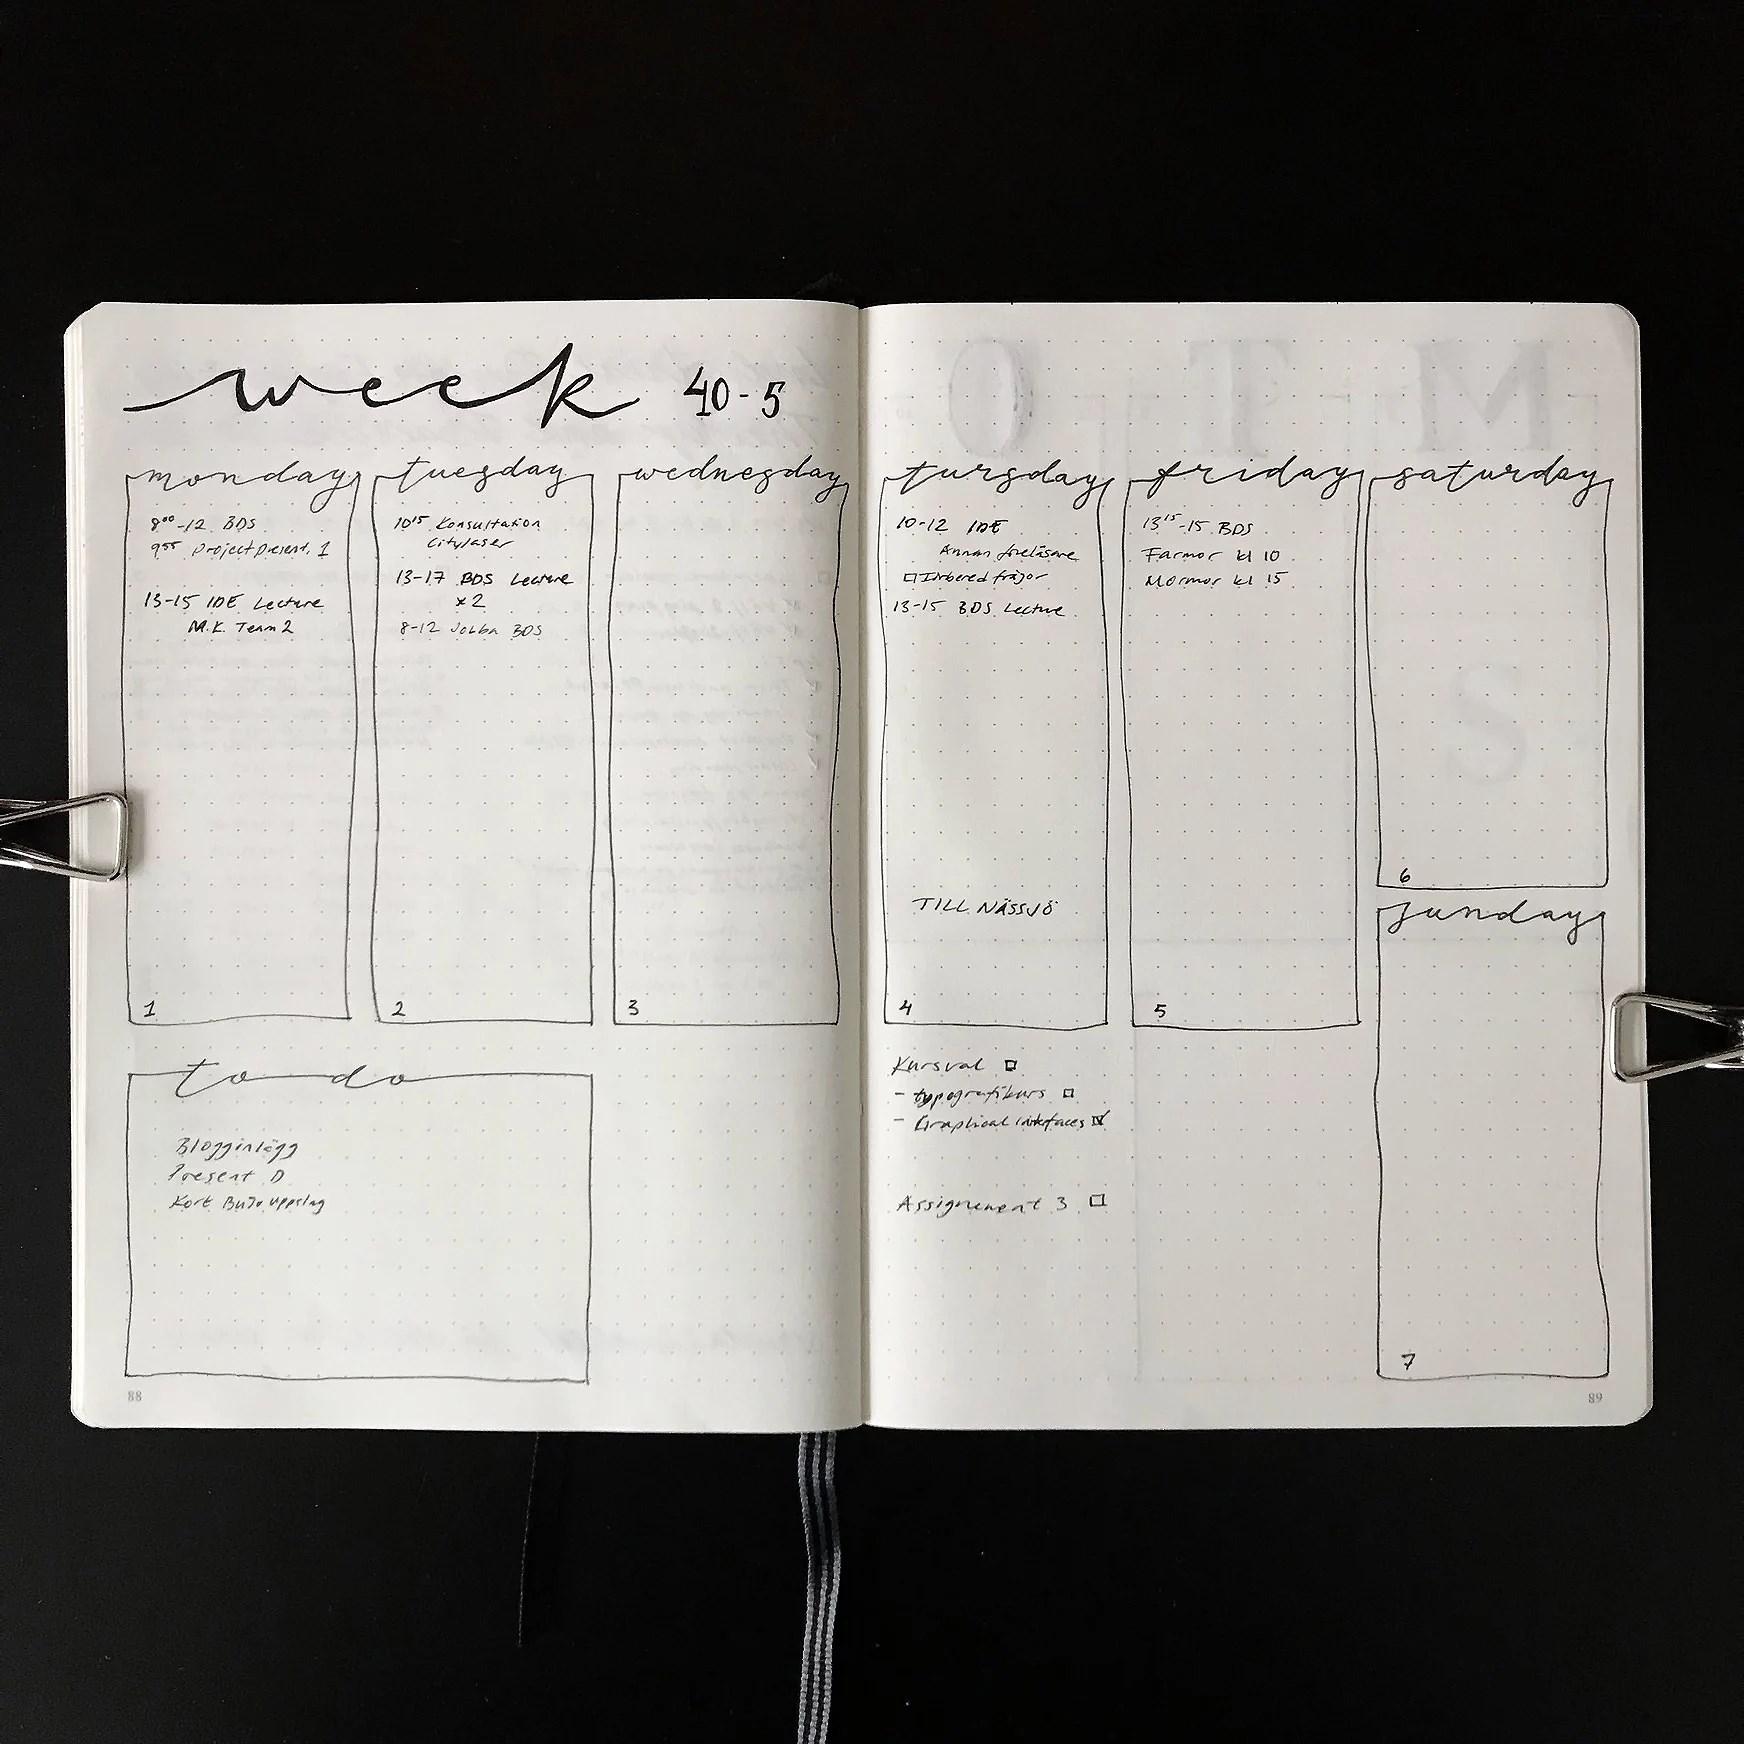 Bullet Journal. Weekly spread. Veckouppslag. Förslag.